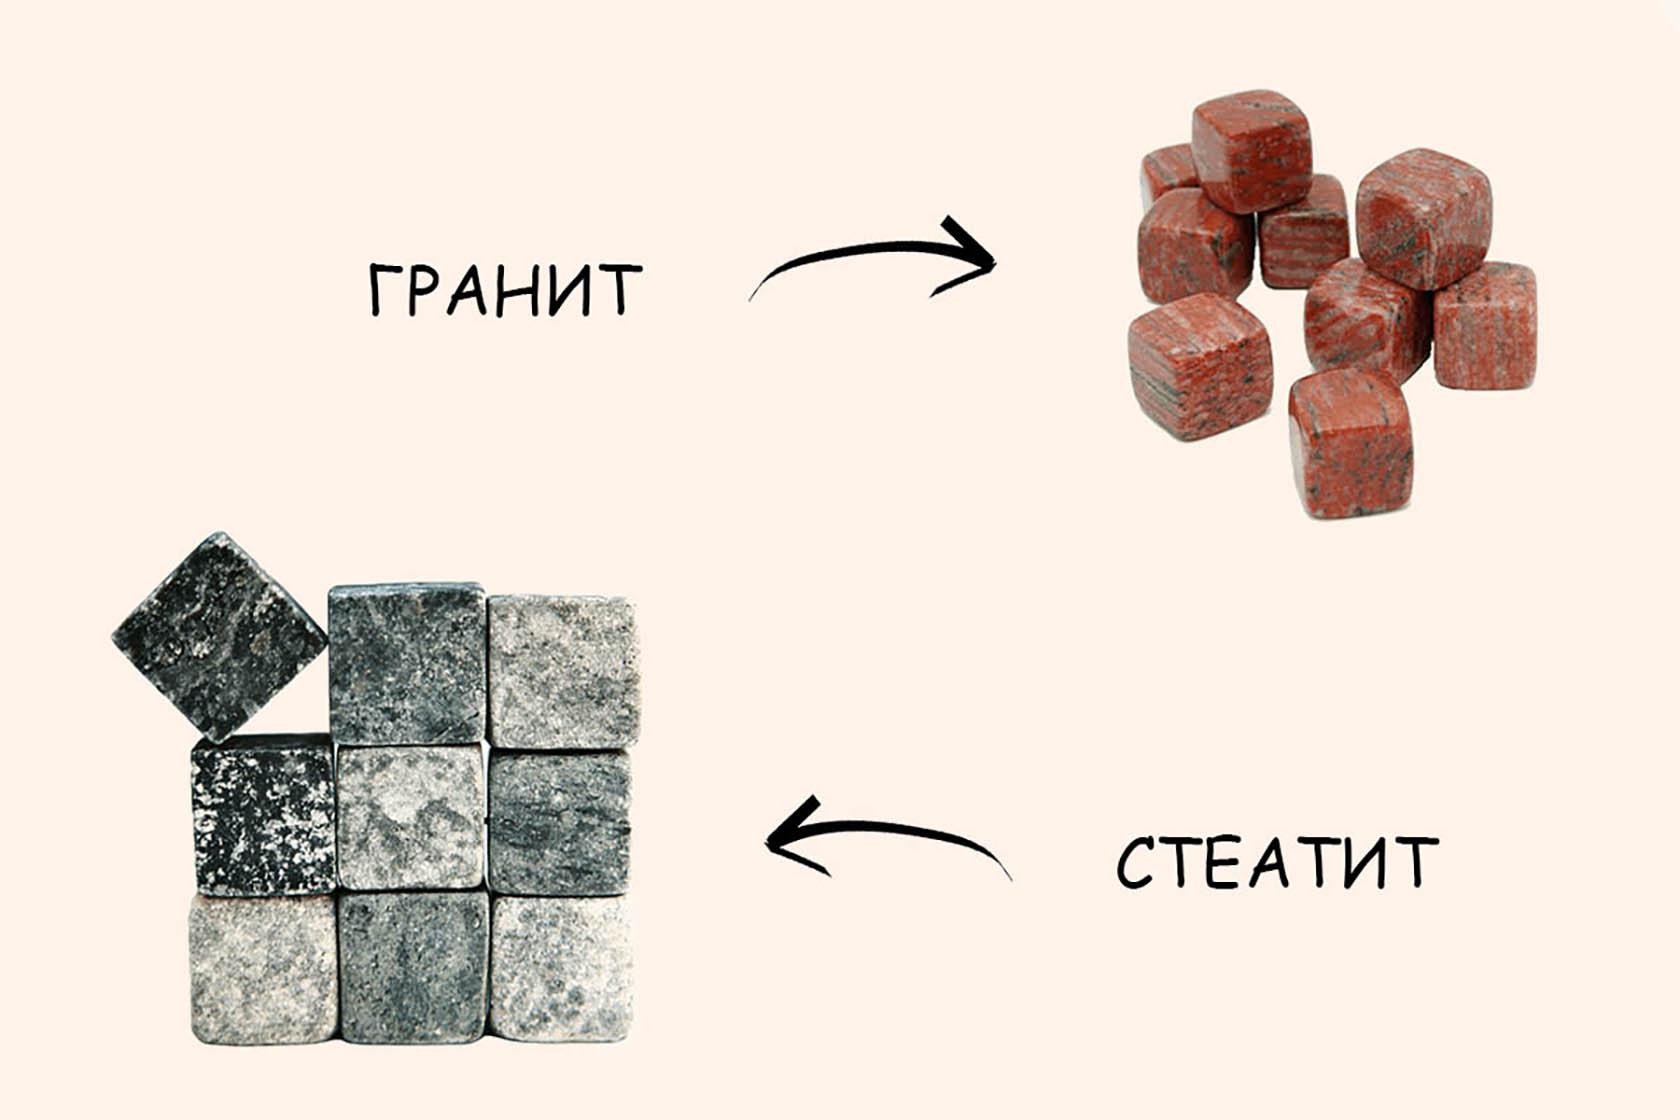 Чем отличаются гранитовые и стеатитовые камни